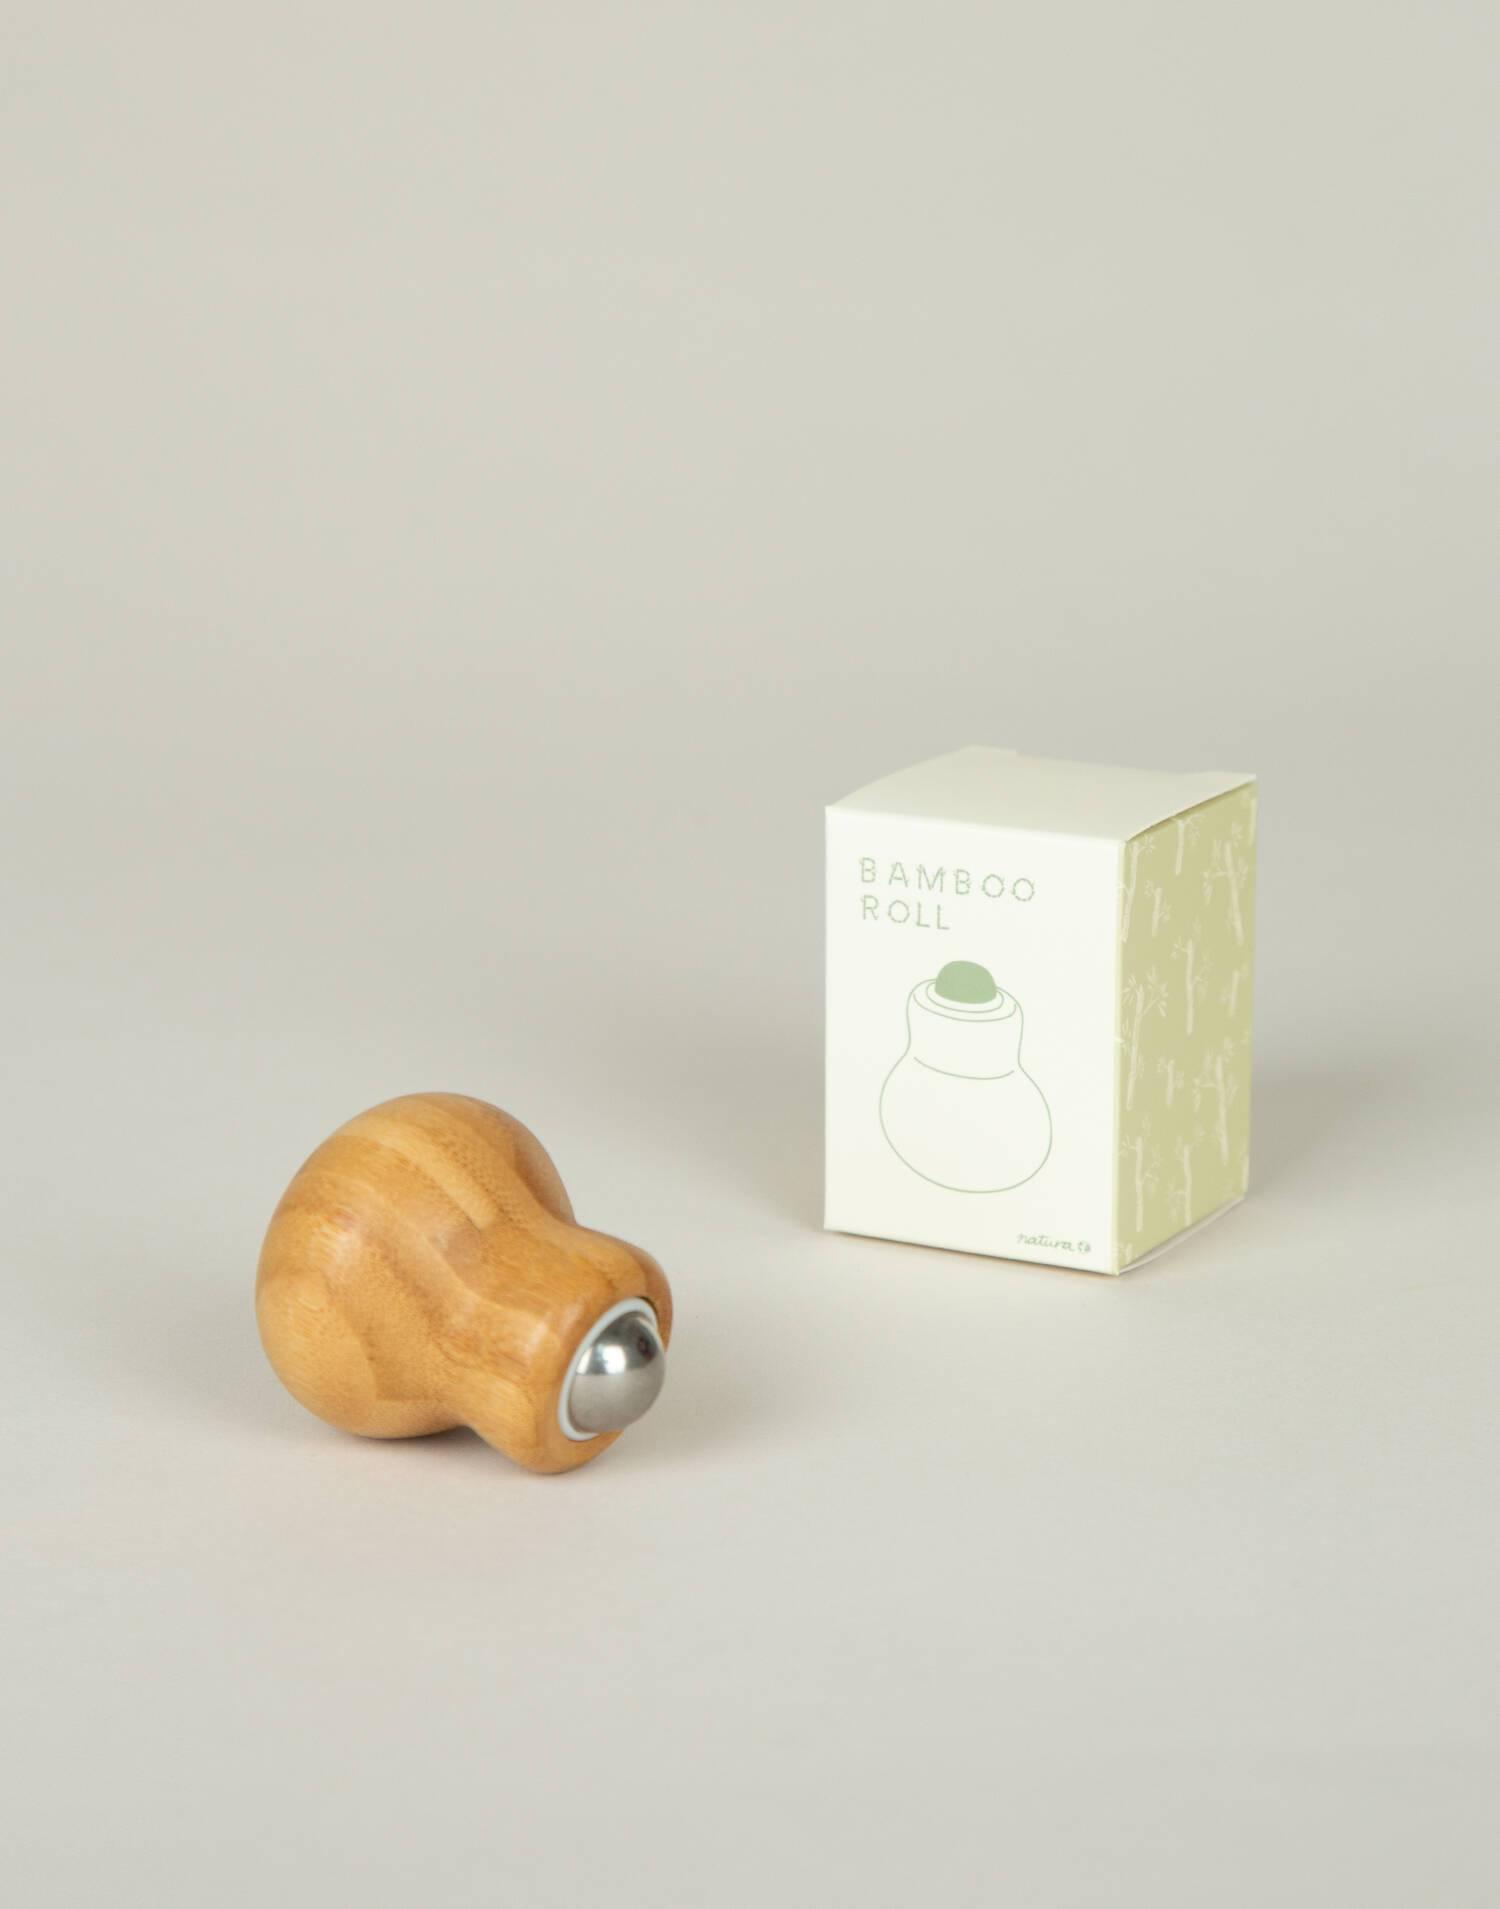 Bamboo massage roll